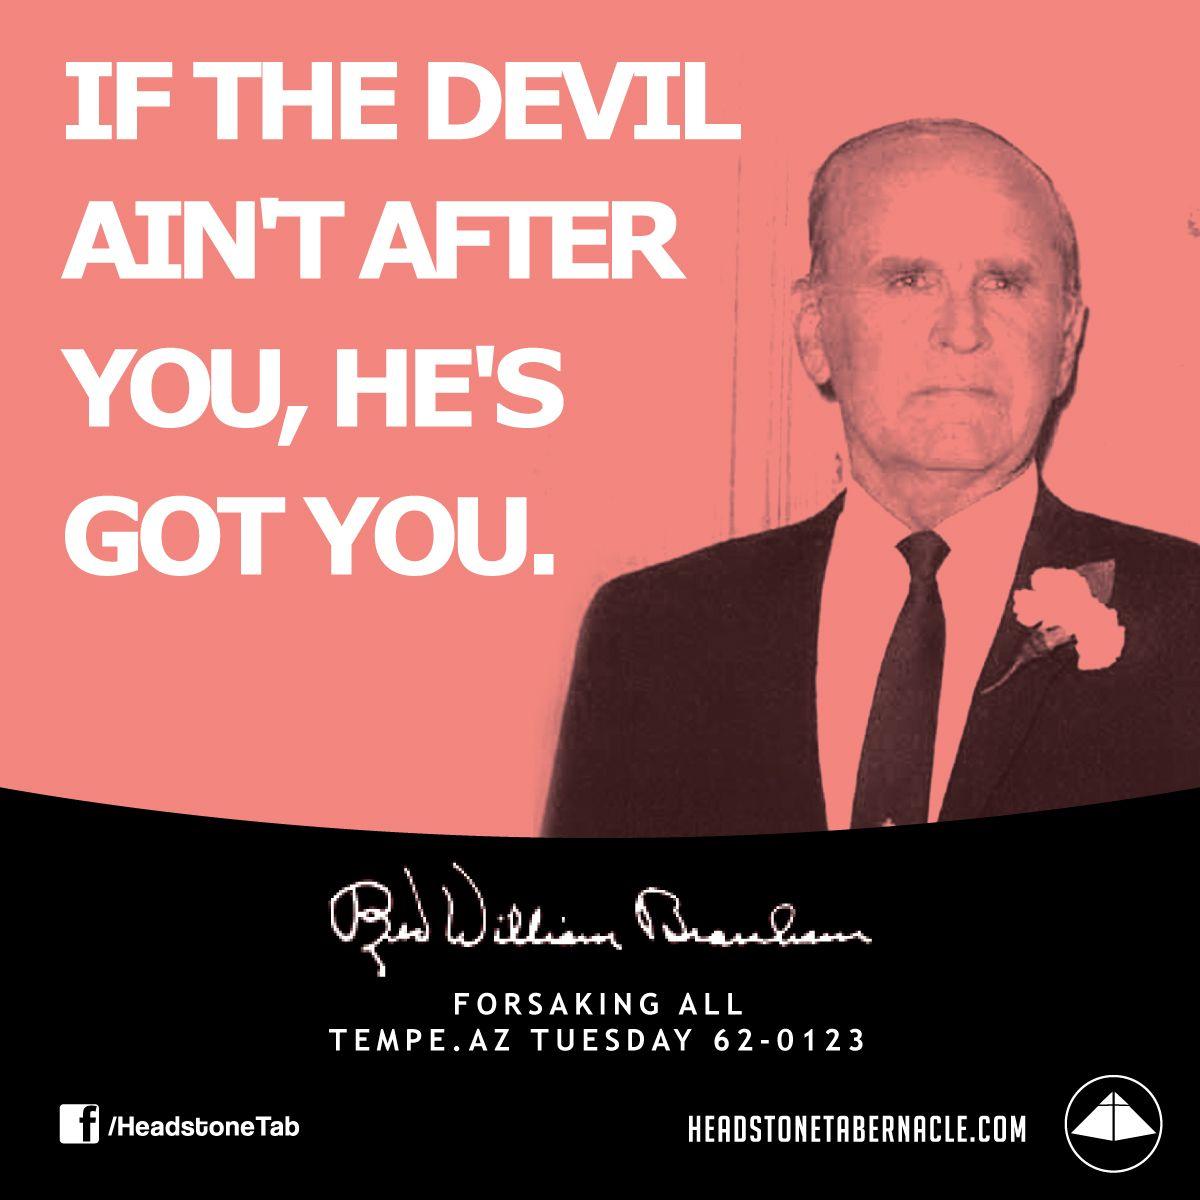 Pin on Quotes from Rev. William Branham